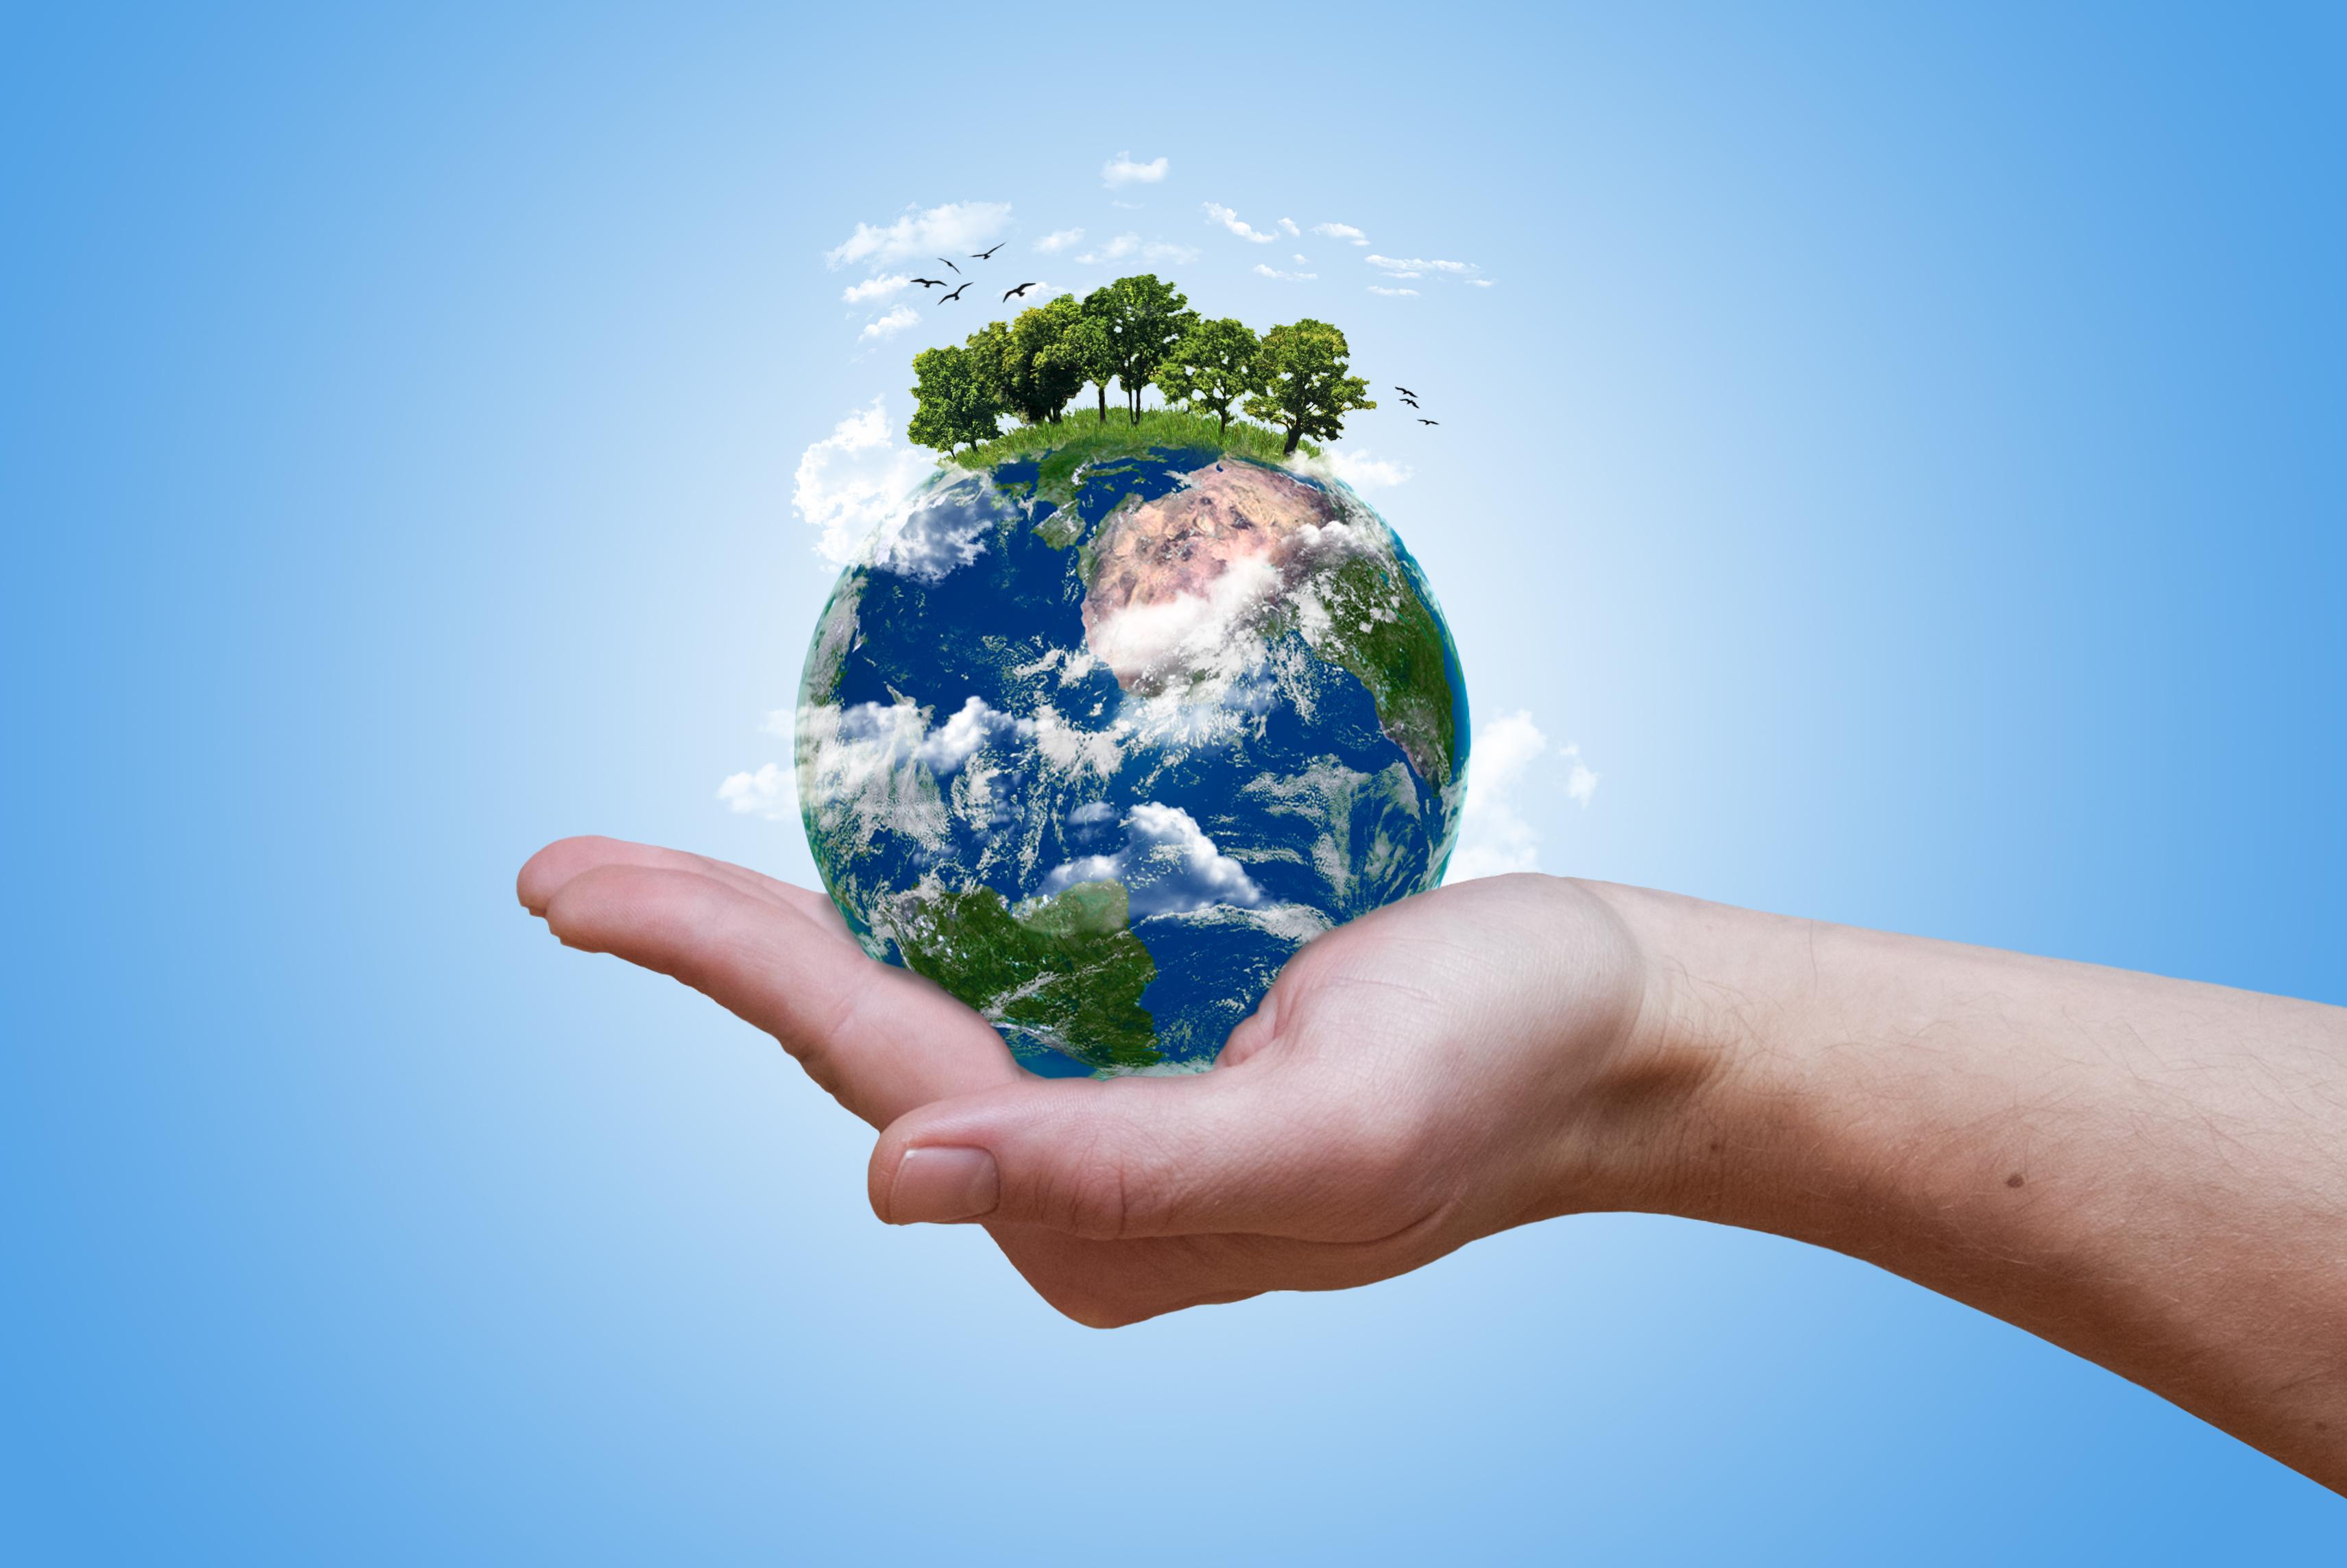 Een toekomstbestendig belastingstelsel - De Natuur en Milieufederatie: www.natuurenmilieufederaties.nl/nieuws/een-toekomstbestendig...